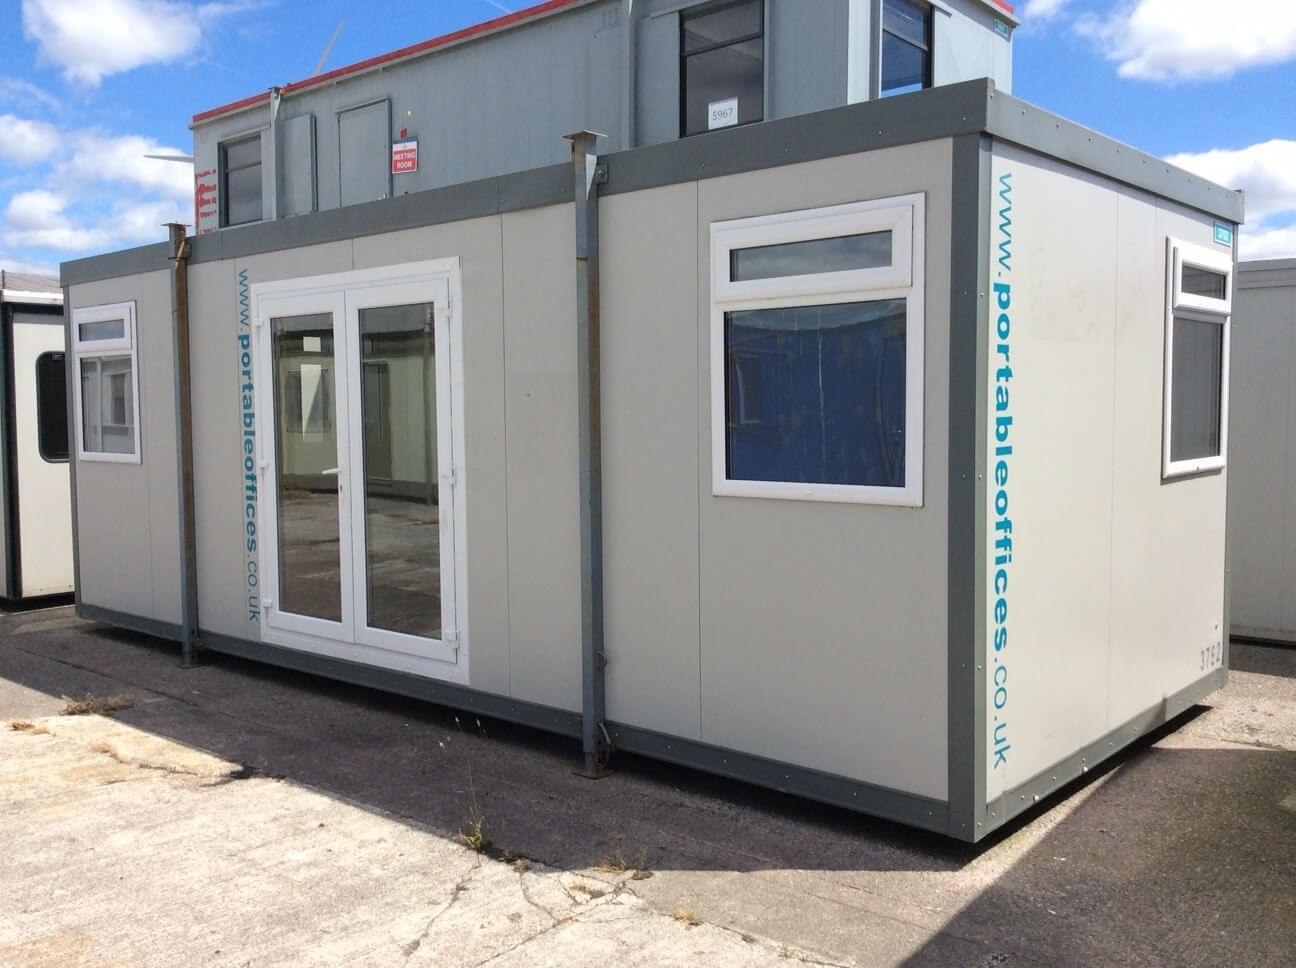 Upvc Front Elevation : Ft portable building unit ref